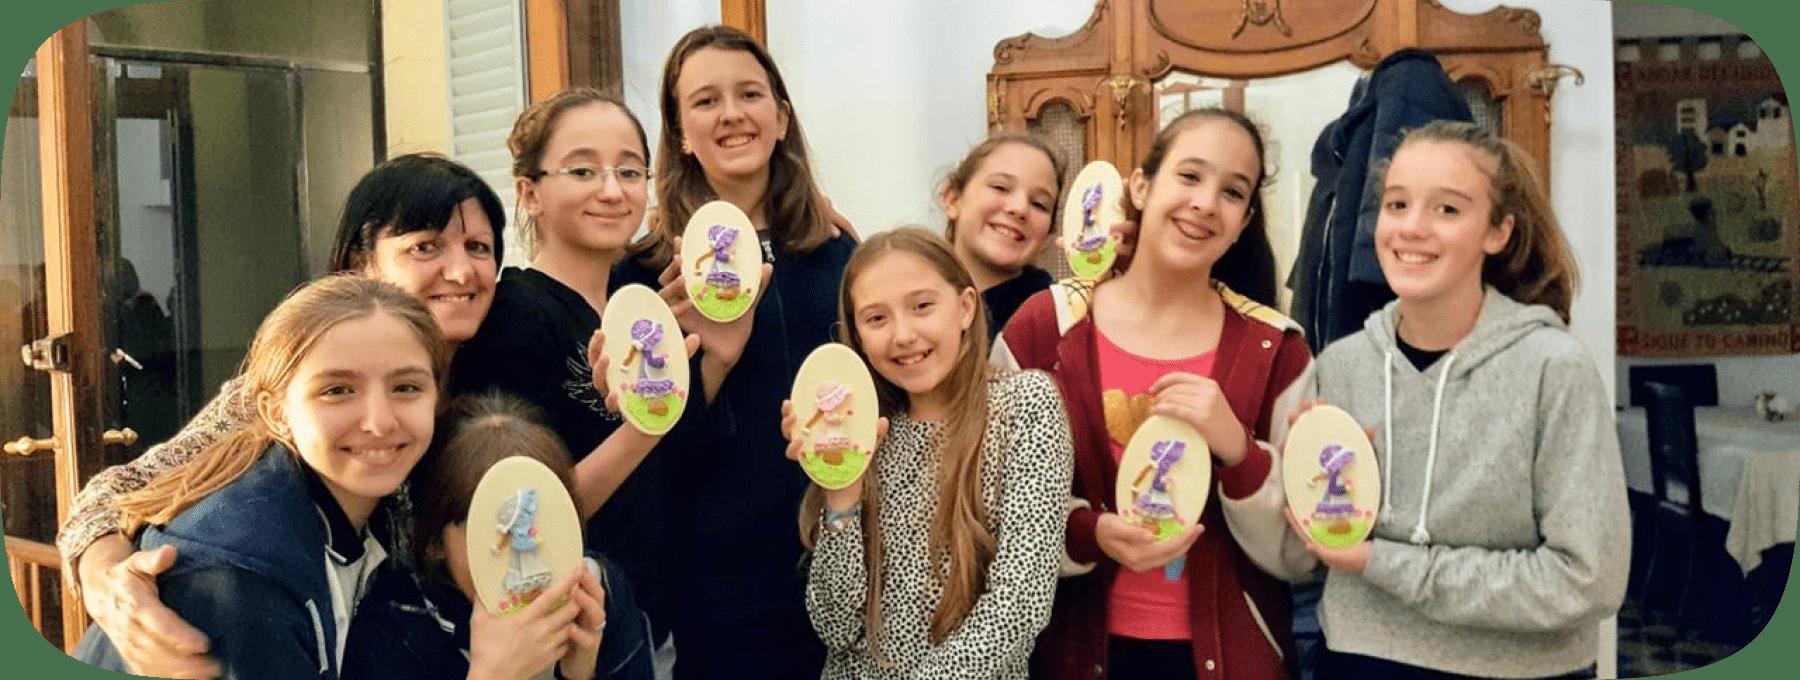 Grupo de chicas sonriendo sosteniendo una artesanía hecha con porcelana fría.